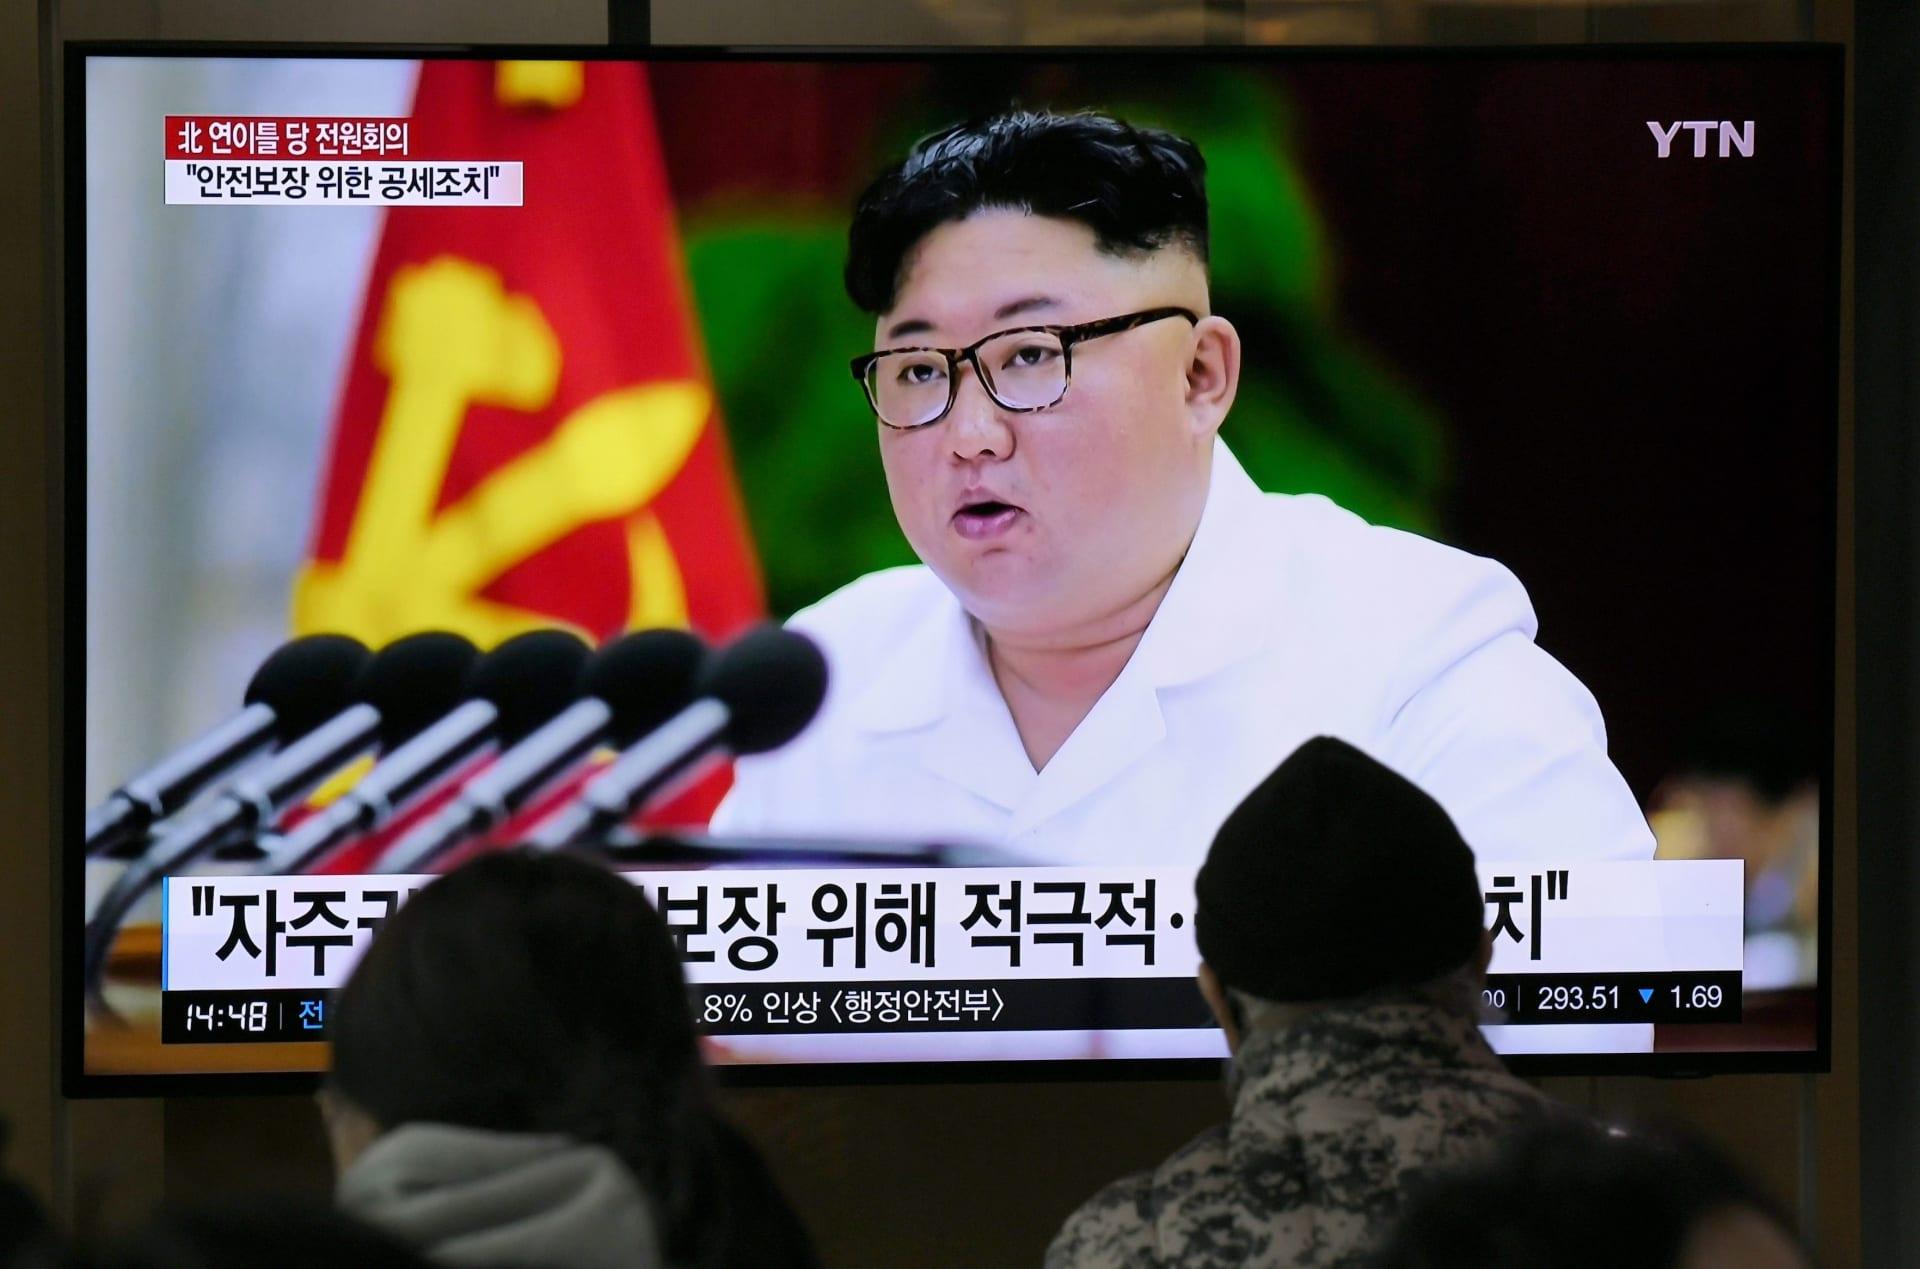 قناة تليفزيونية في كوريا الجنوبية تعرض أحدث صور زعيم كوريا الشمالية كيم جونغ أون